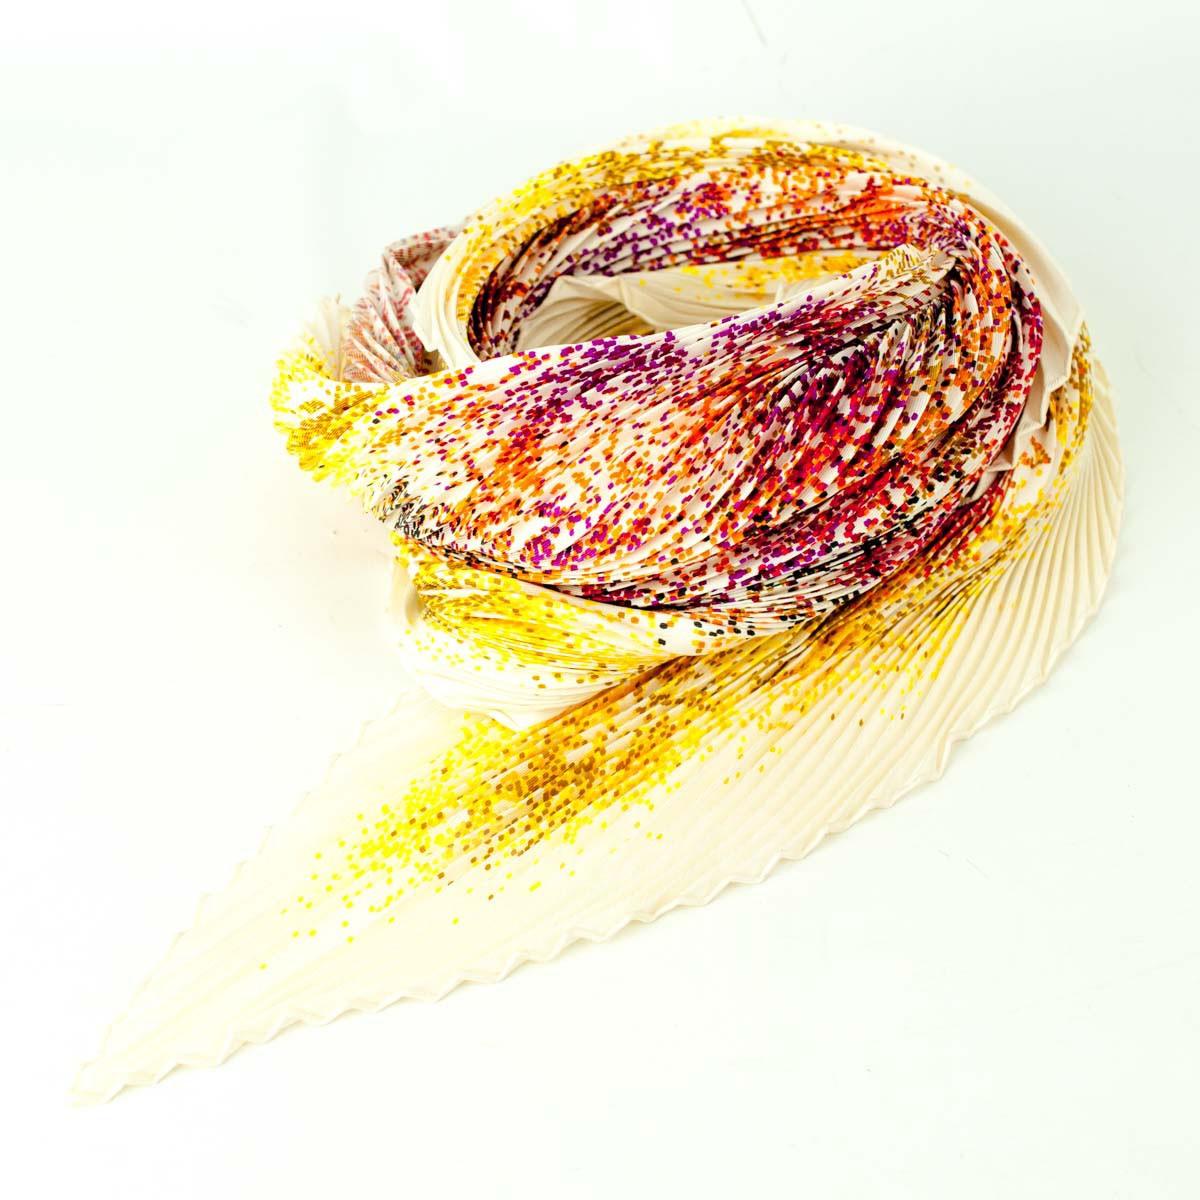 【中古】HERMES カレ プリーツ ドット シルクスカーフ 【送料無料】 【002015】 【銅】